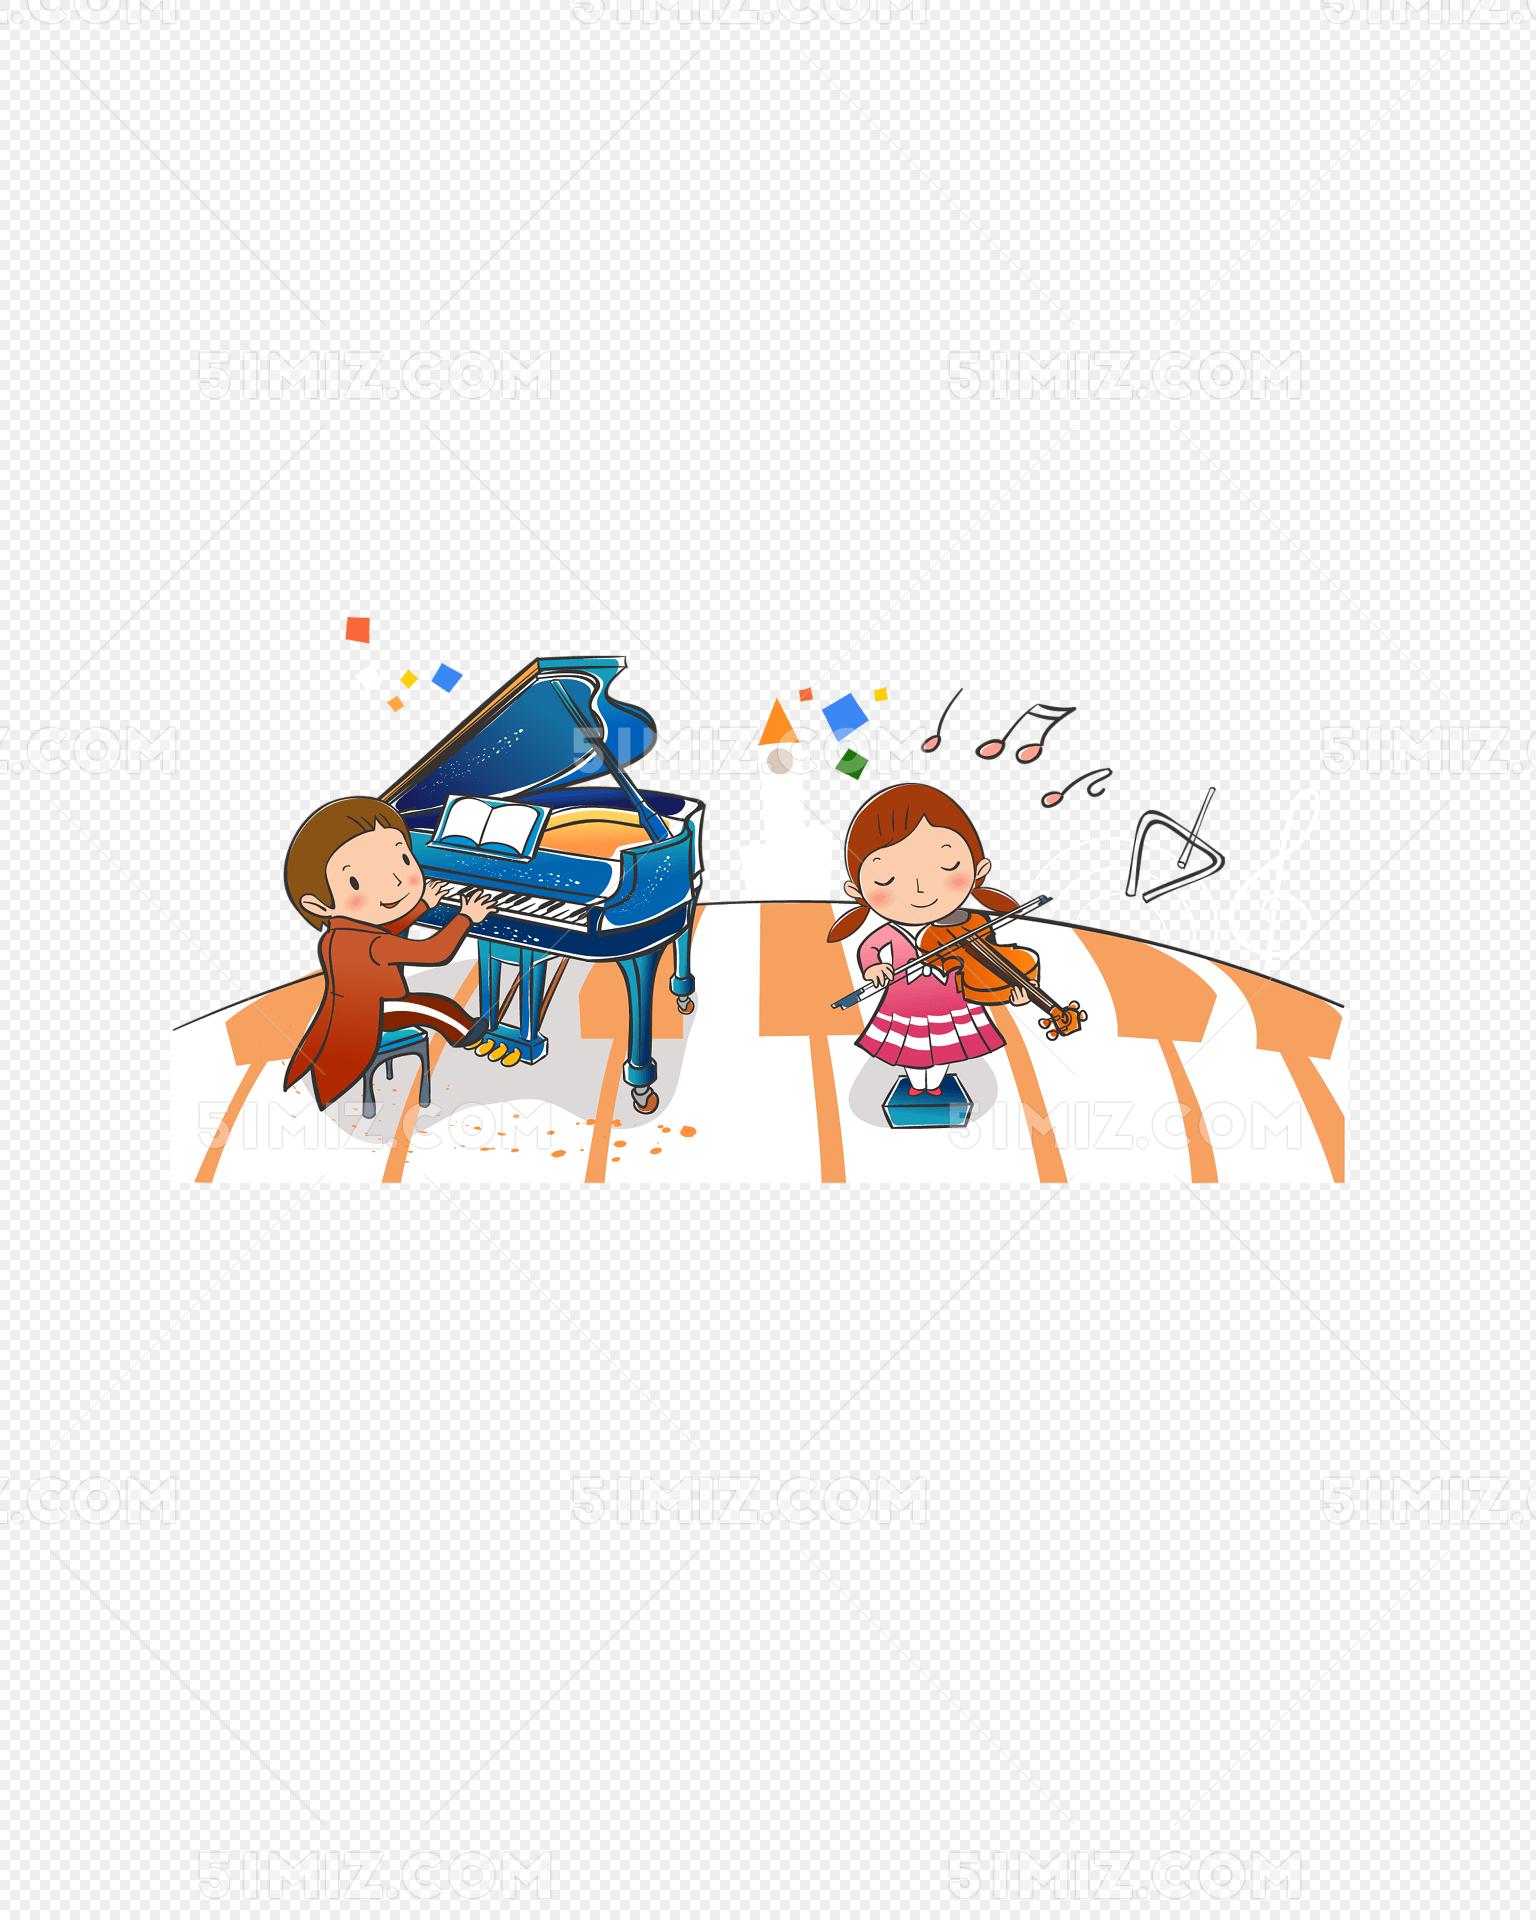 小朋友弹钢琴拉吉他免费下载_png素材_觅知网